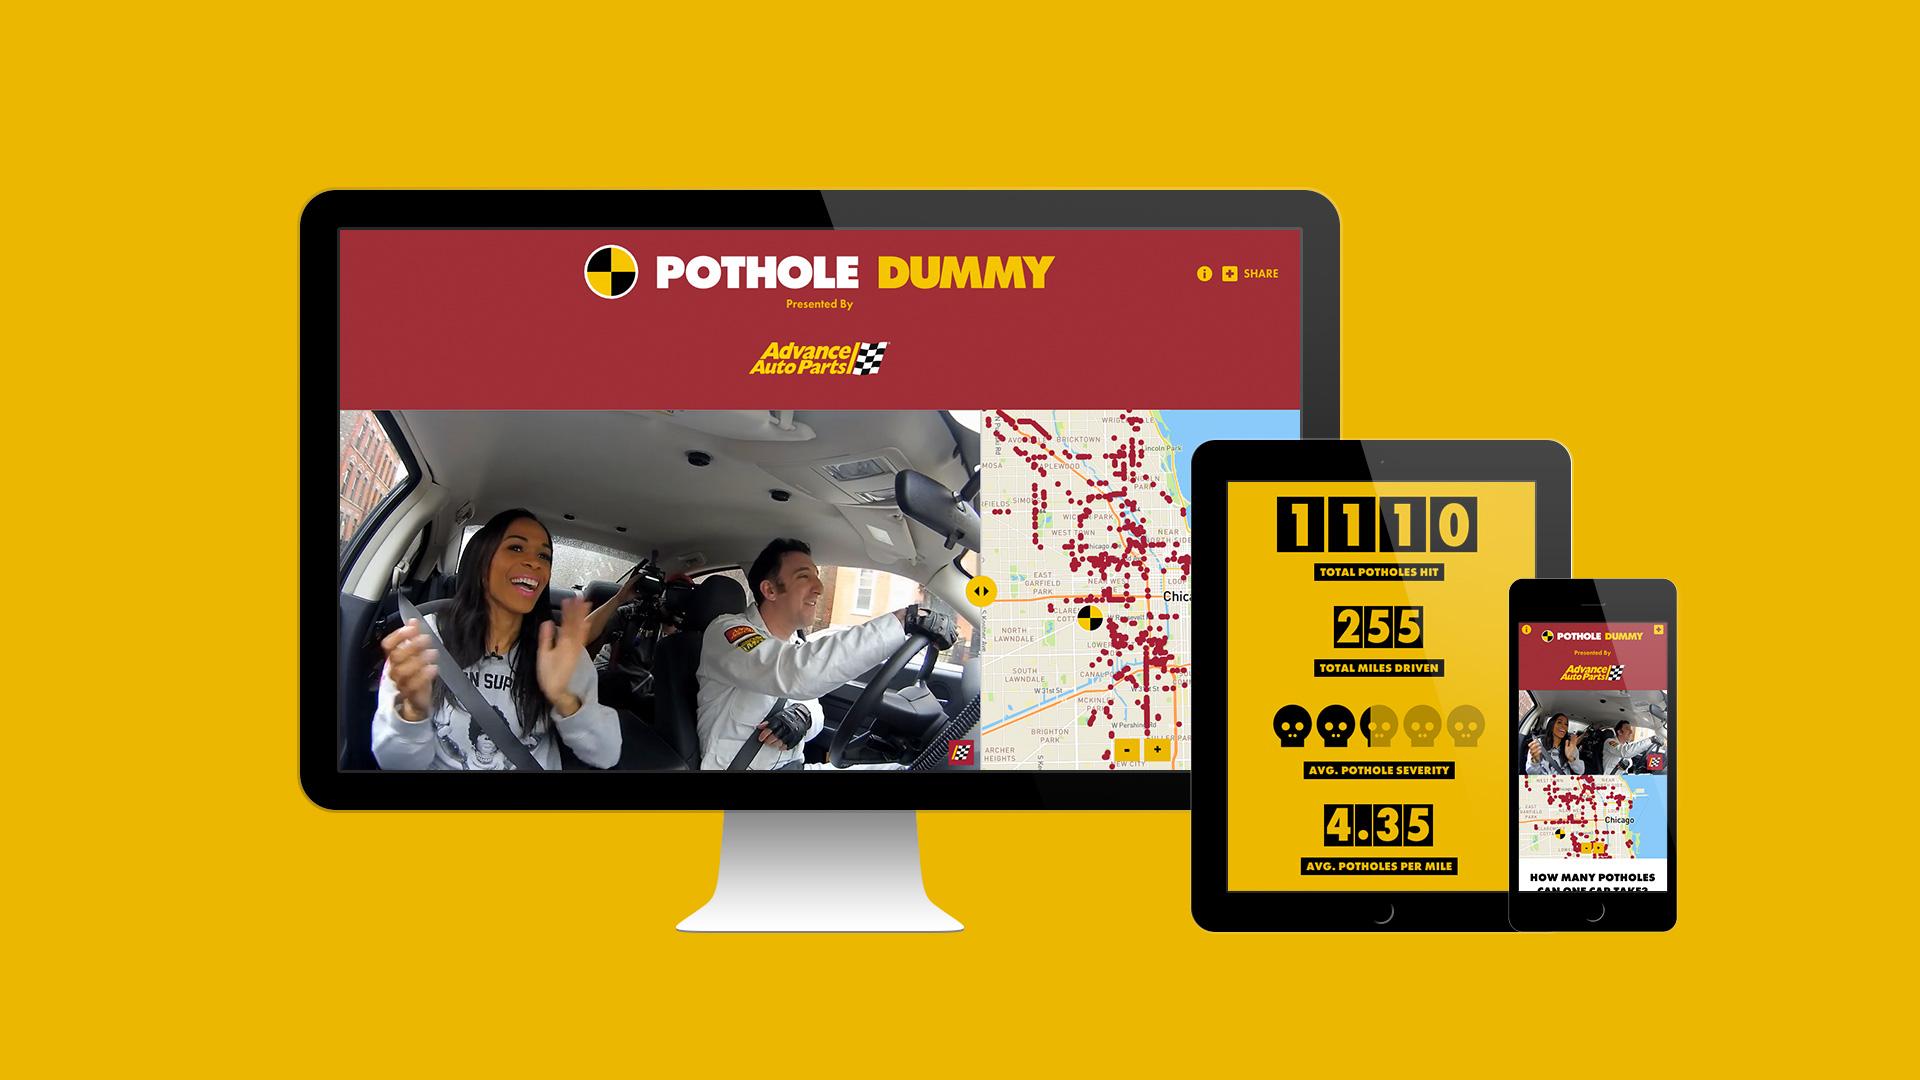 5_PotholeDummy_site_OnYellow_v2.jpg